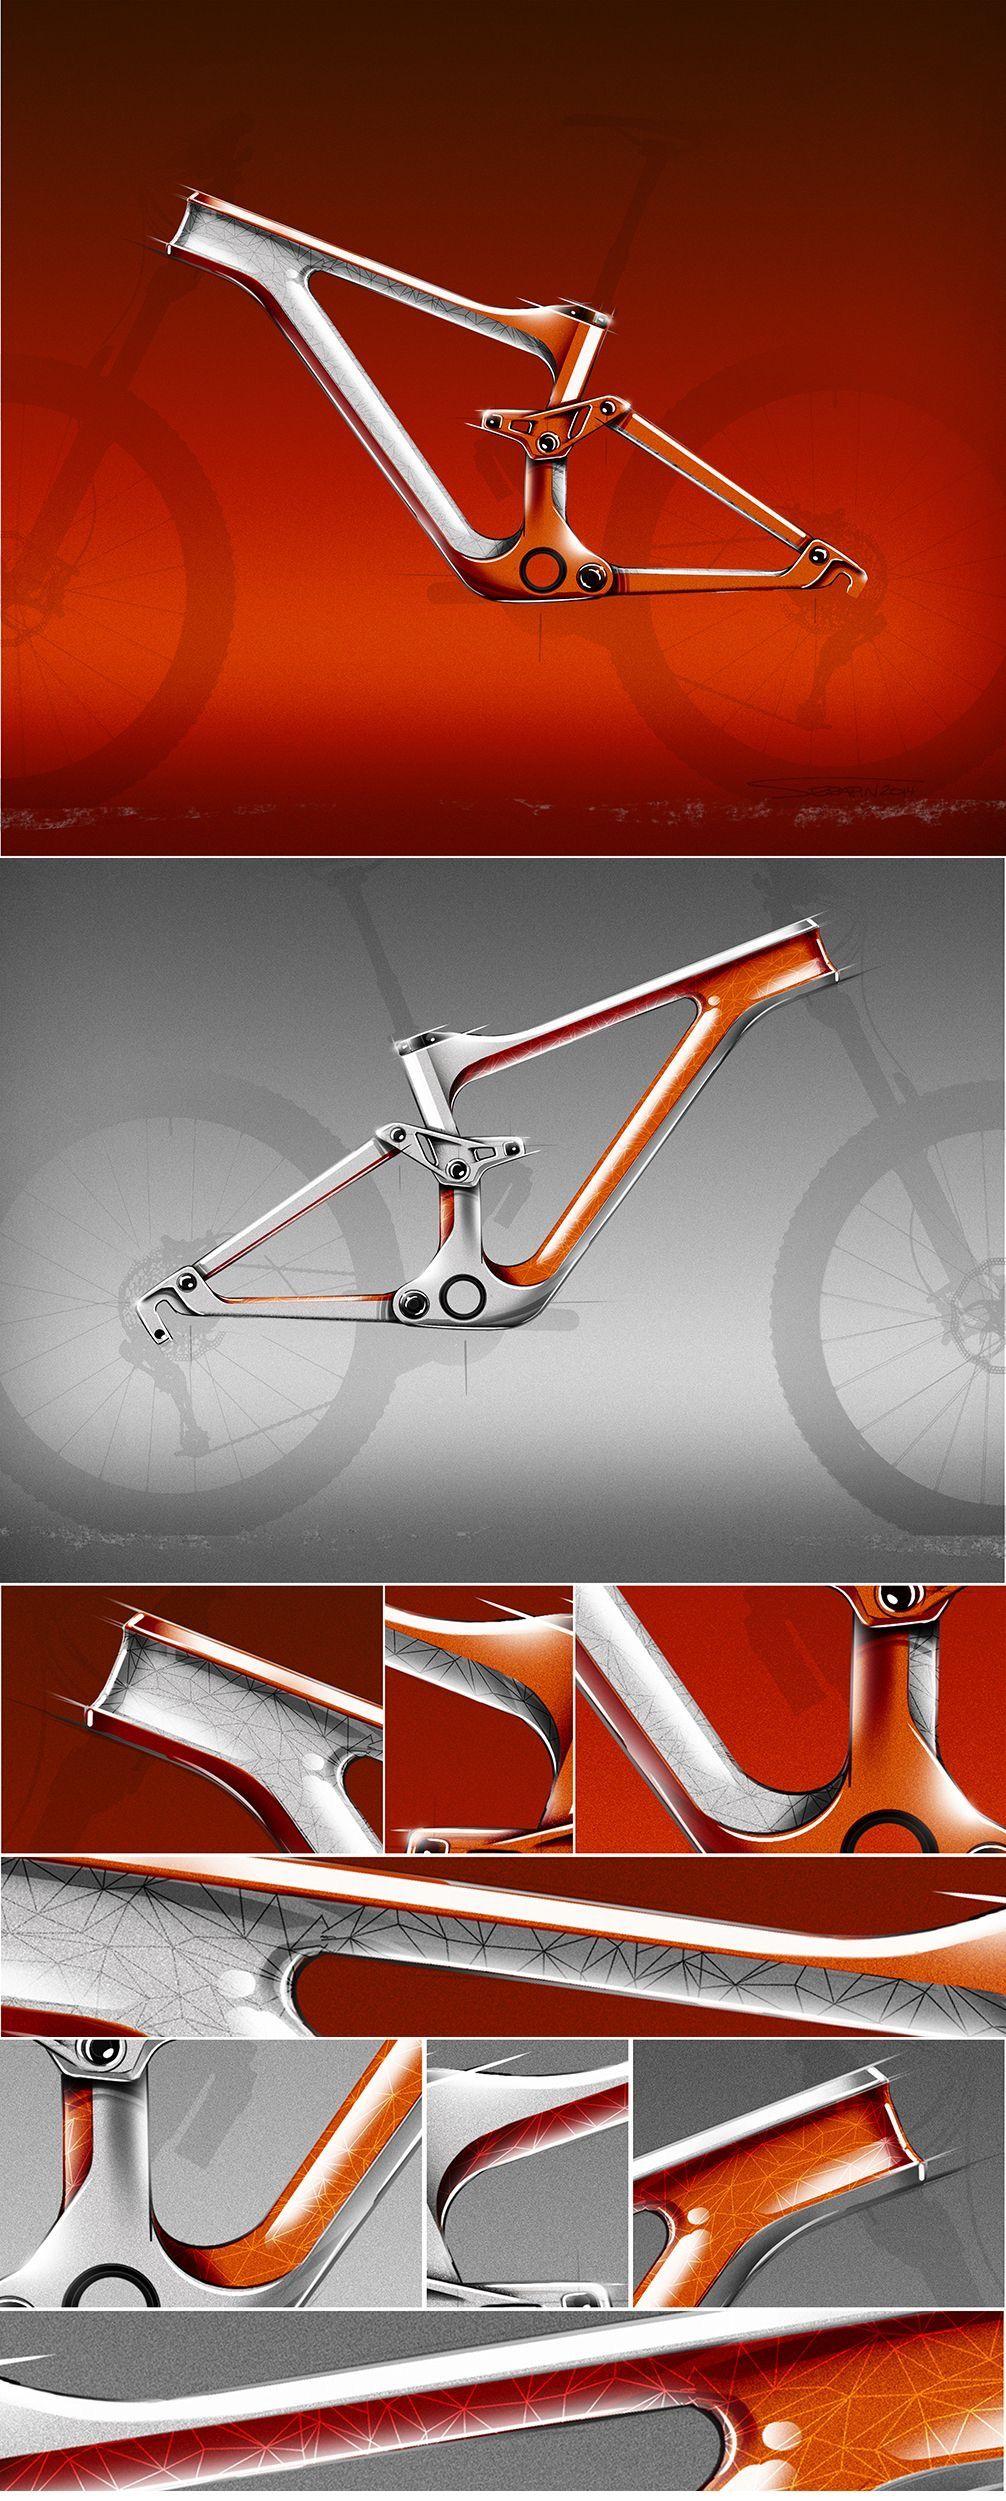 Pin De Steven Chang Em Sketch Design De Produto Design De Aplicativos Quadros De Bicicleta